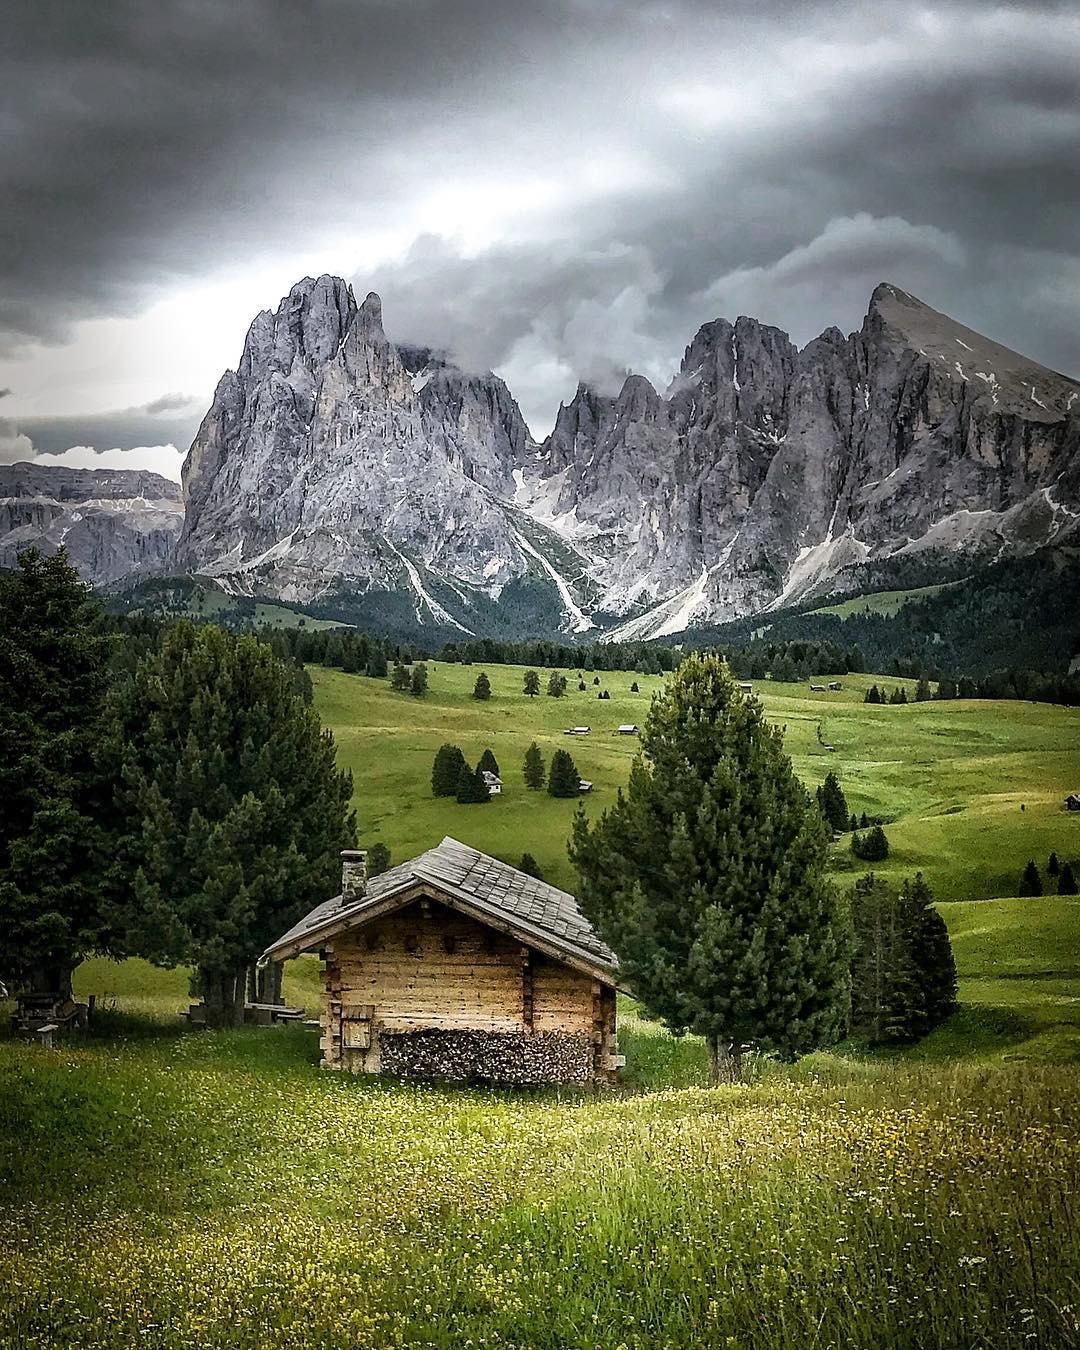 Природа и путешествия на снимках Мэнди Розенфельд